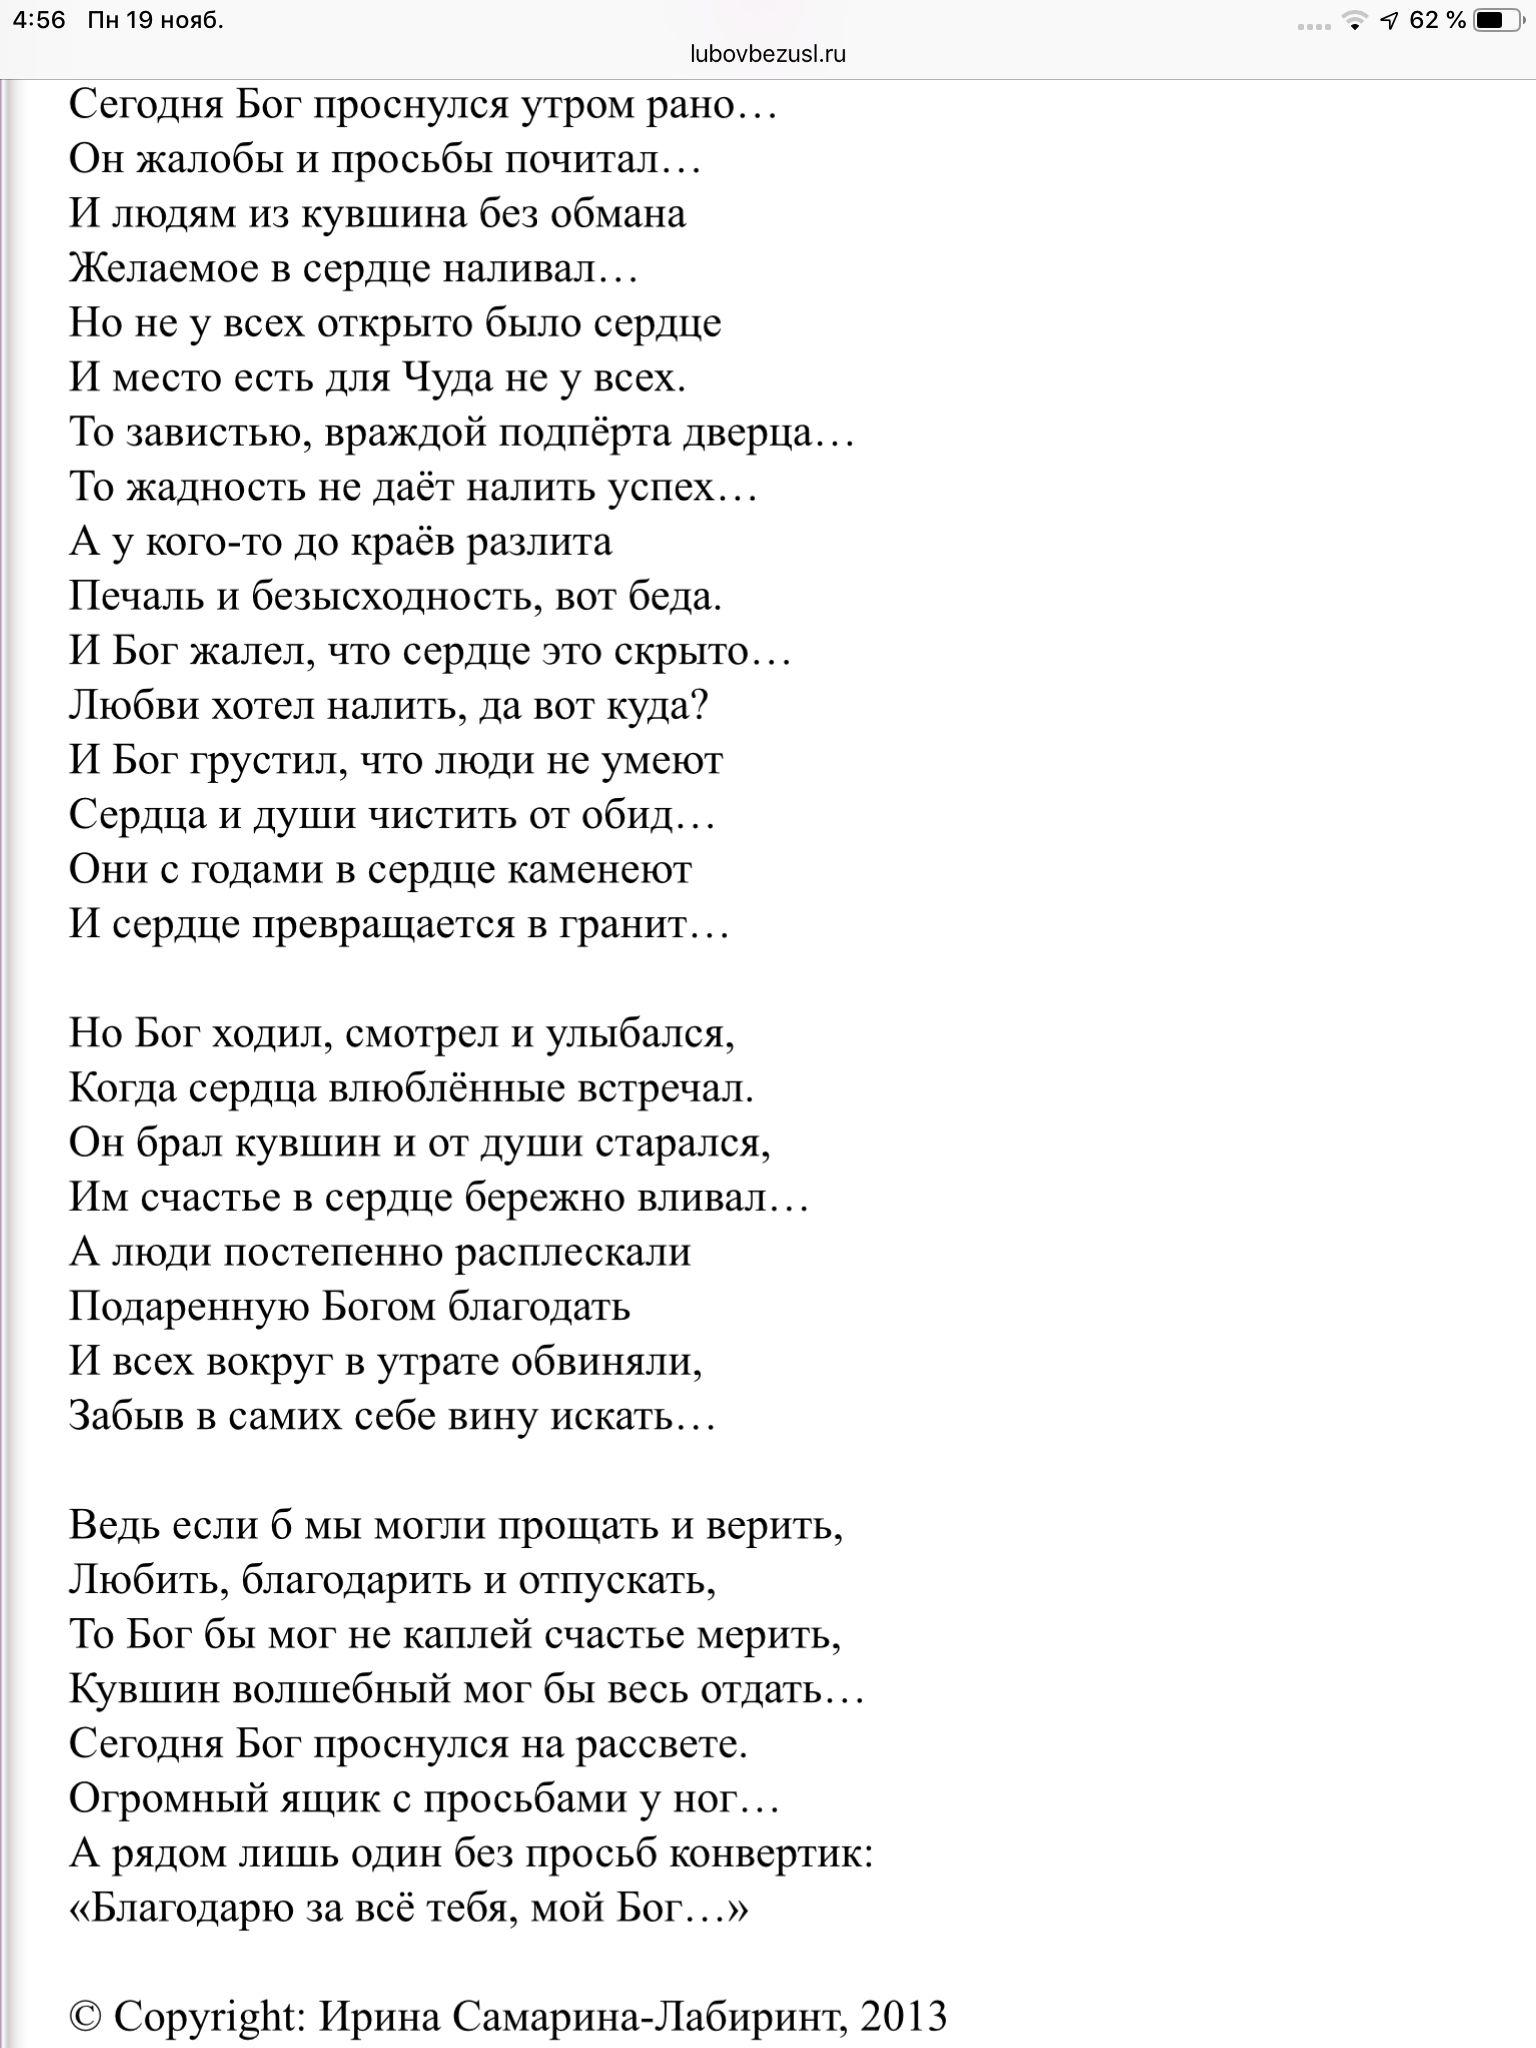 красивую стихи ирины самариной лабиринт сегодня бог проснулся утром рано что нужно